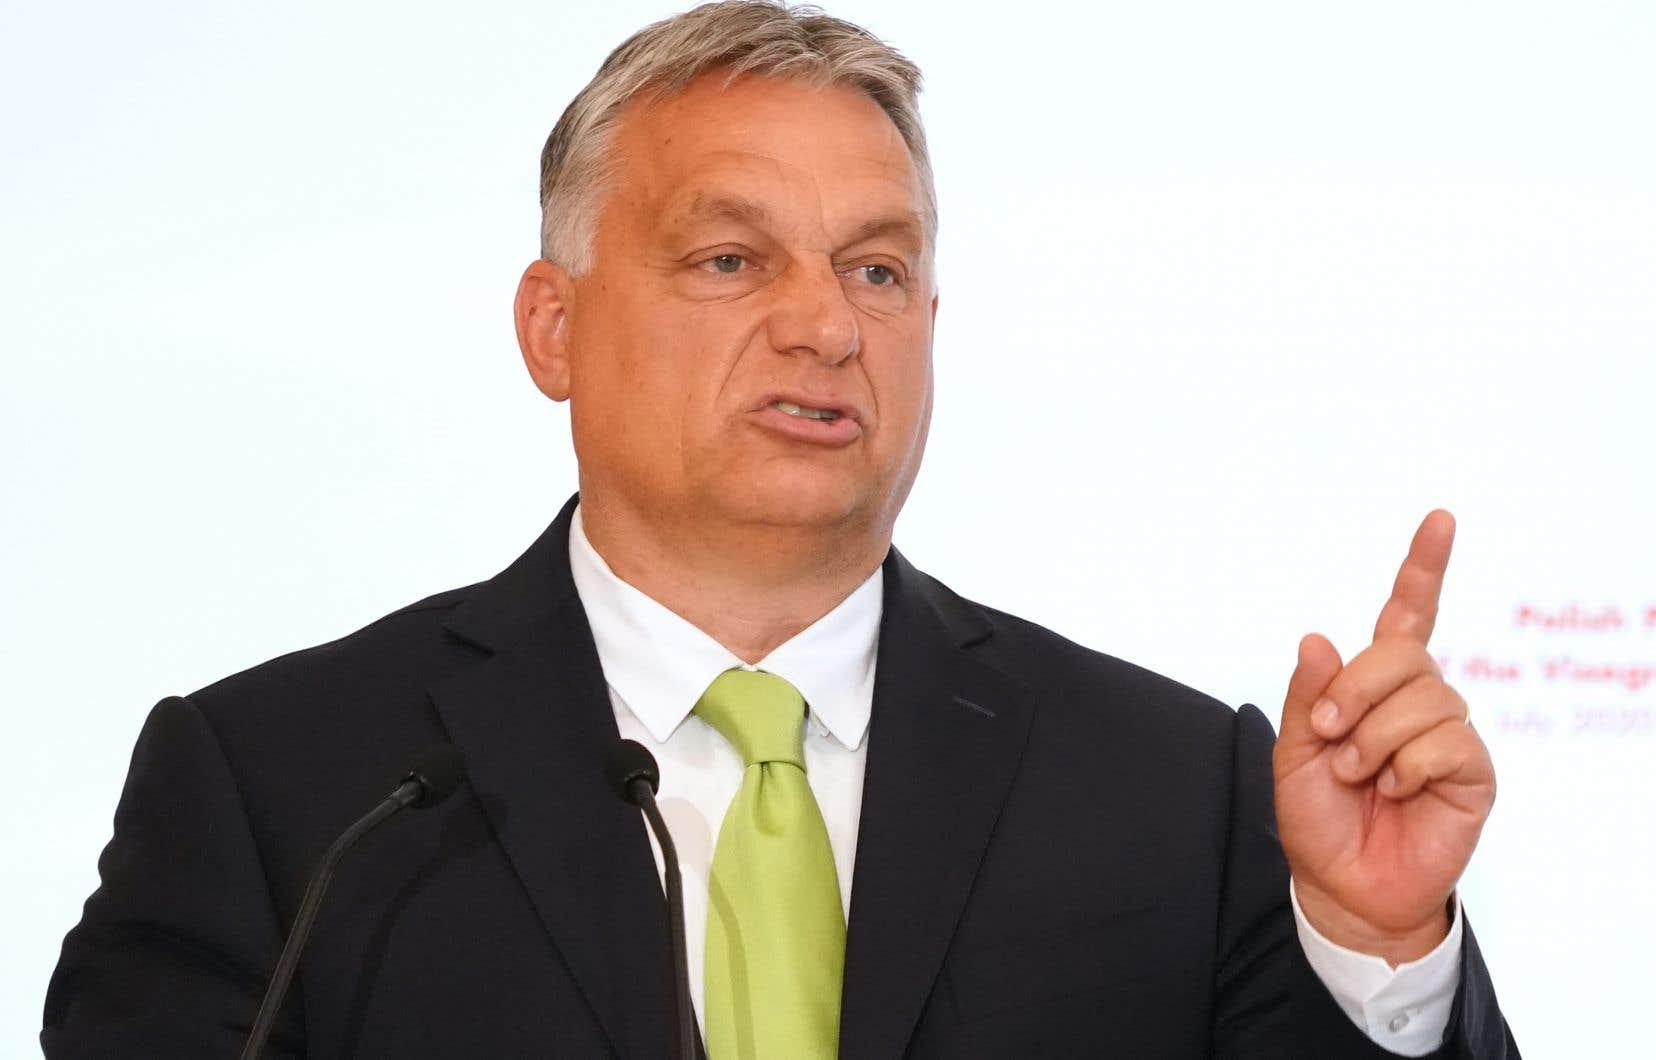 Viktor Orbán a promis en 2018 l'instauration d'une «nouvelle ère» culturelle visant à défendre les valeurs chrétiennes et traditionnelles.